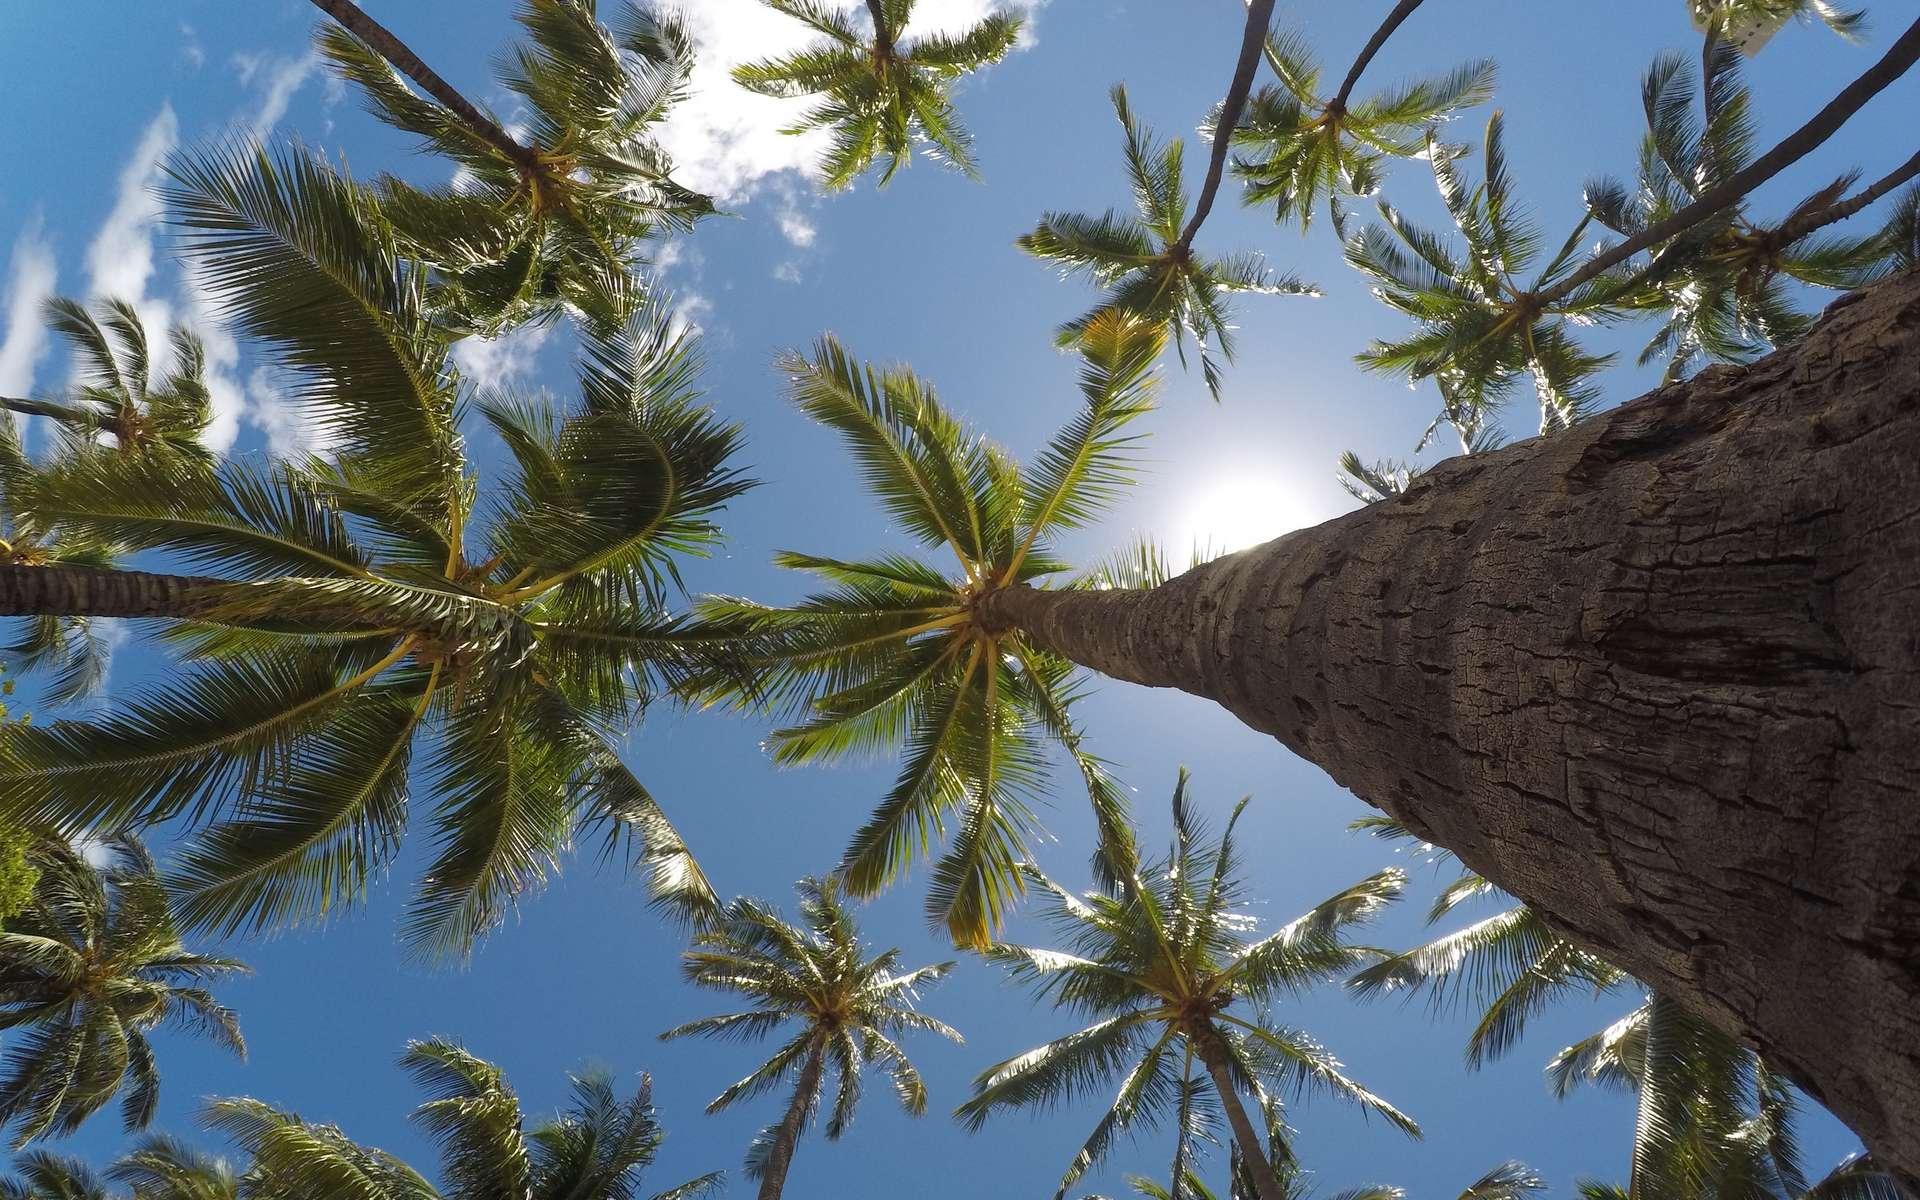 Le cocotier appartient à la famille des palmiers. © Jeremy Bishop, Unsplash